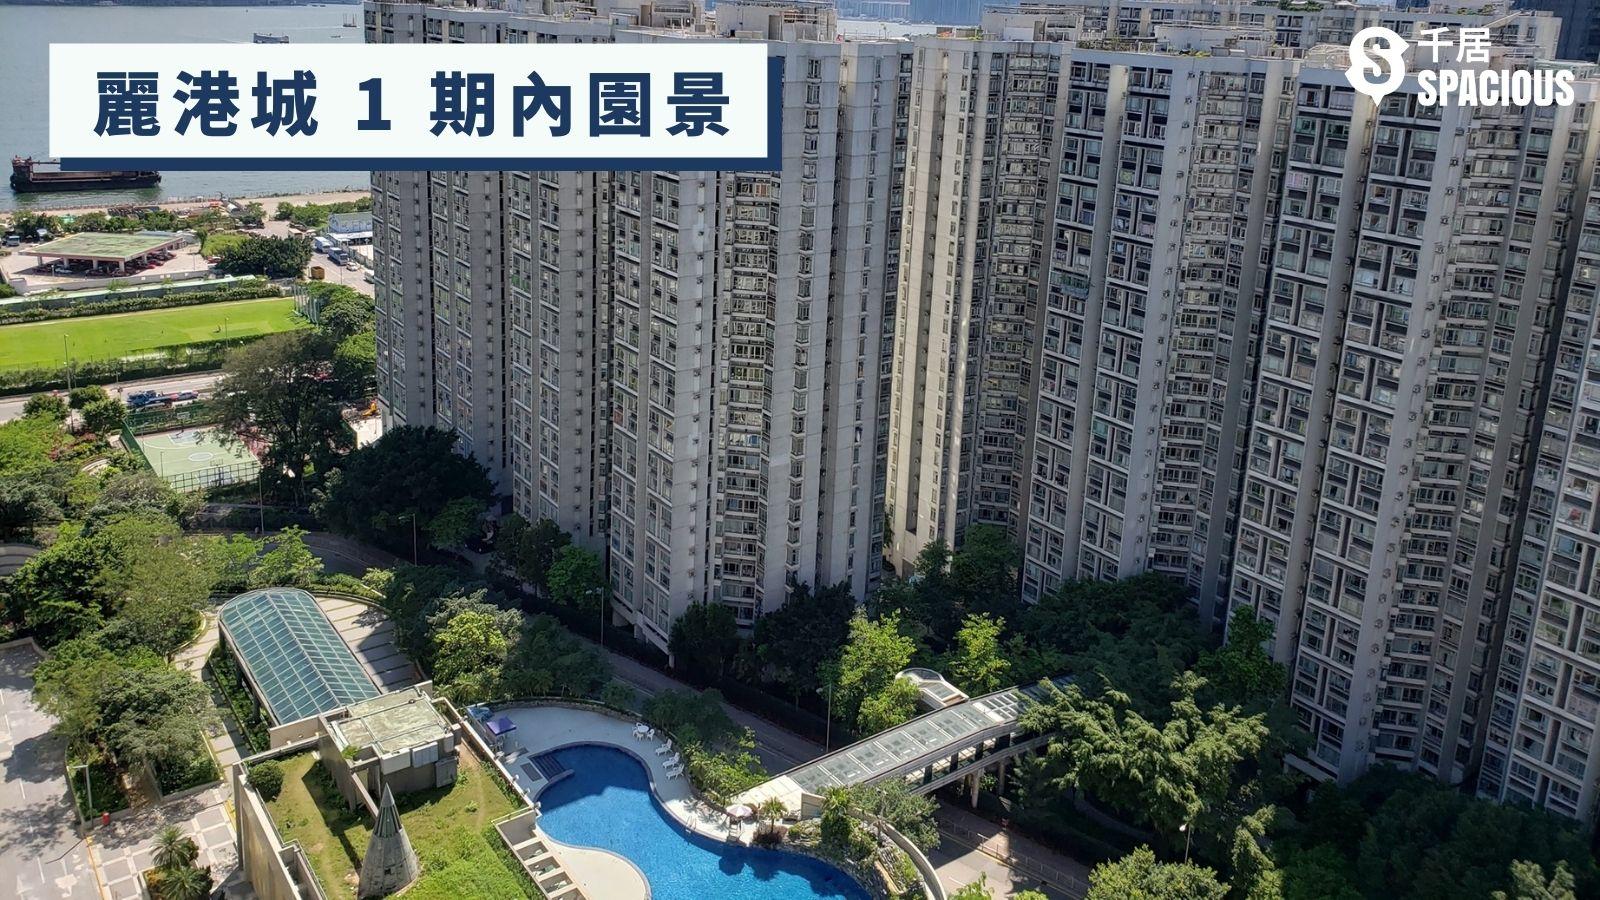 麗港城 1 期內園景